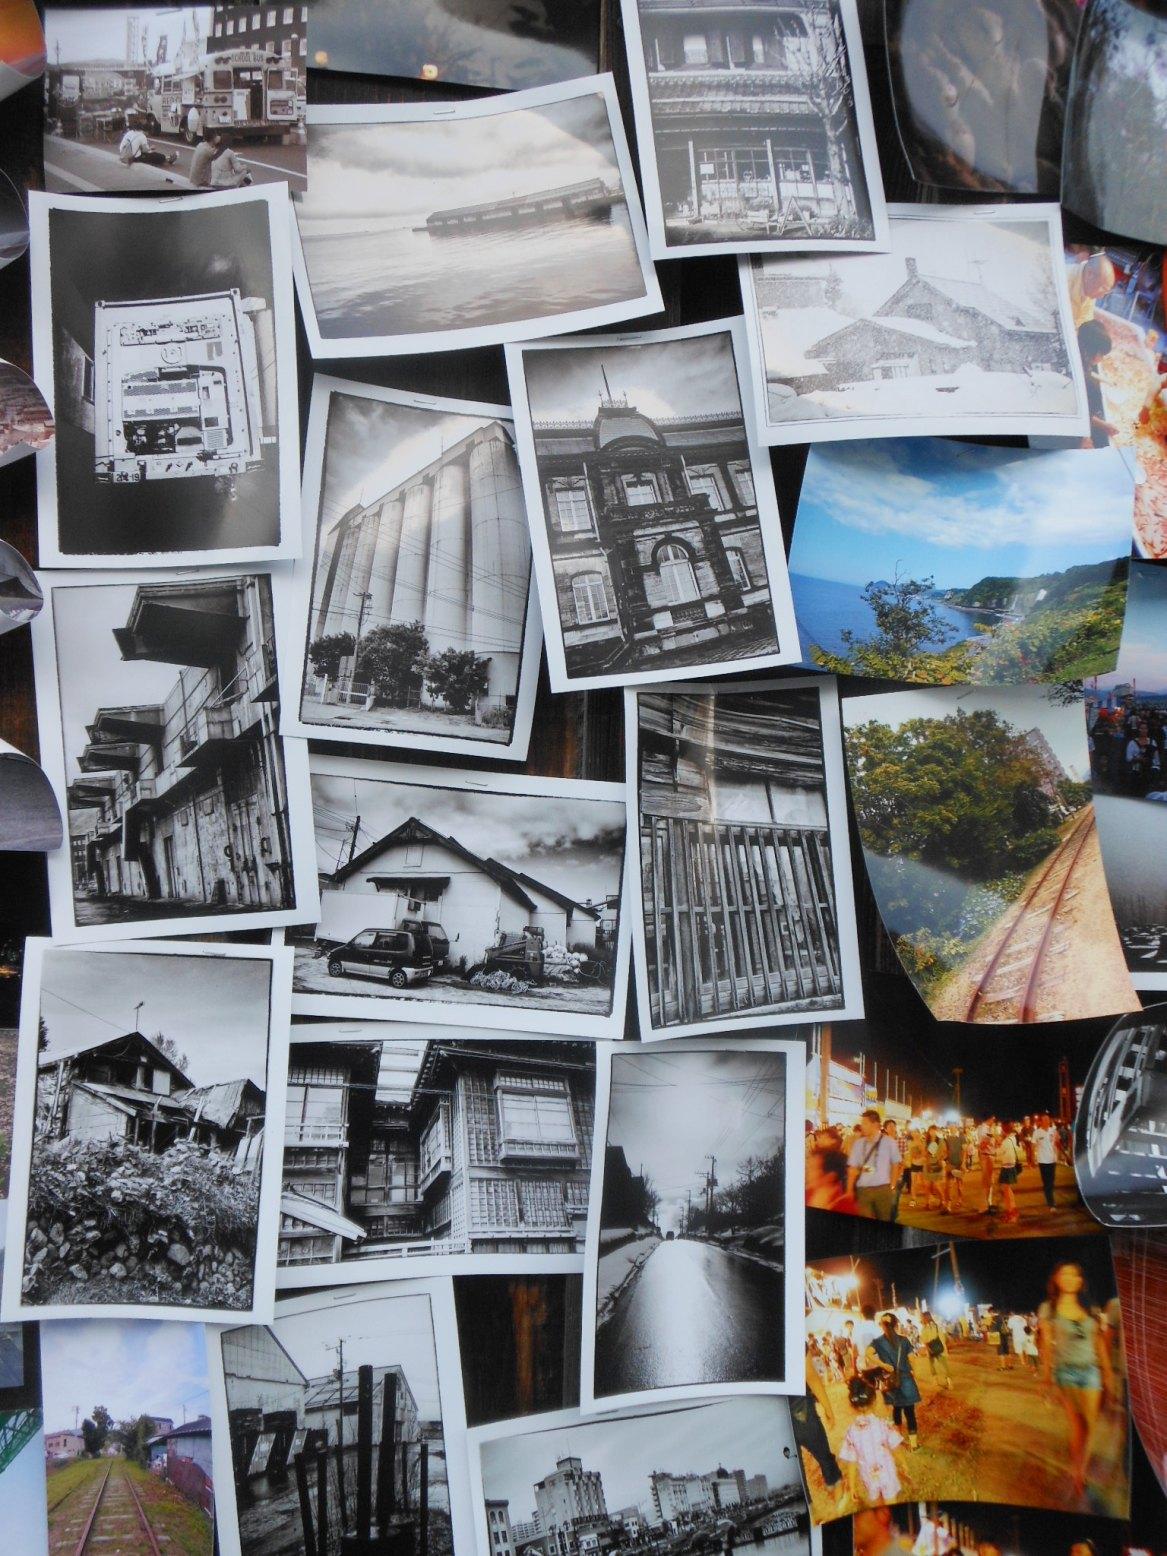 1822) 「小樽・鉄路・写真展 13th 2012」 小樽旧手宮線跡地 8月27日(月)~9月9日(日)_f0126829_992281.jpg